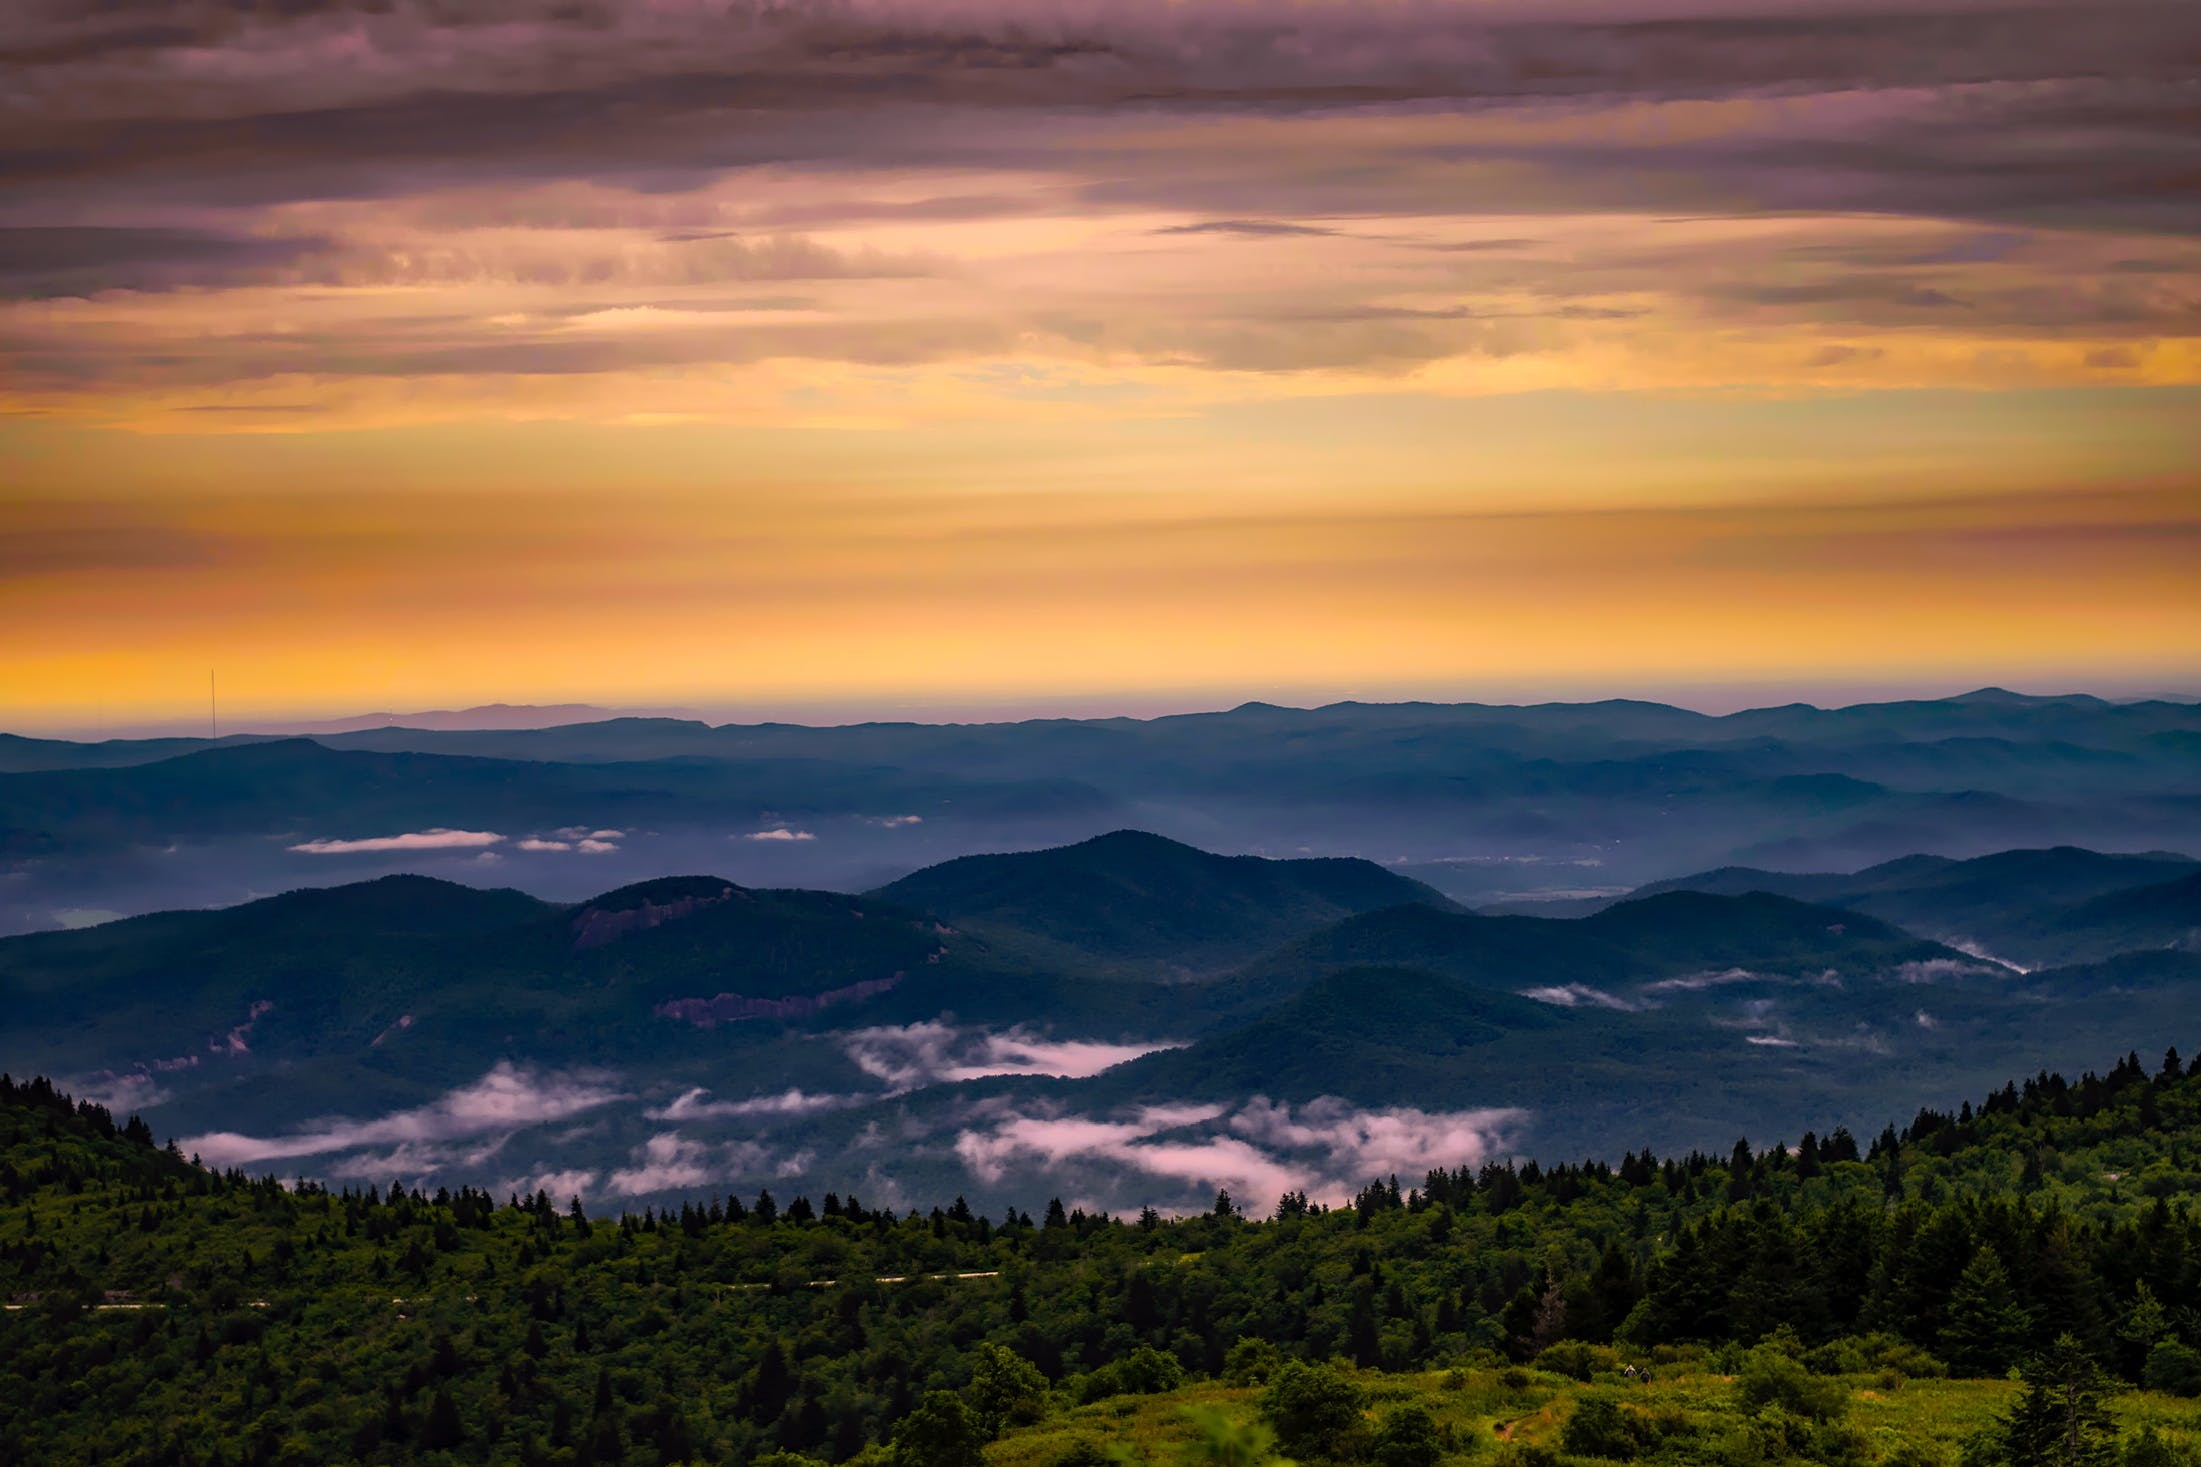 Δωρεάν στοκ φωτογραφιών με αυγή, βουνά, γραφικός, δασικός